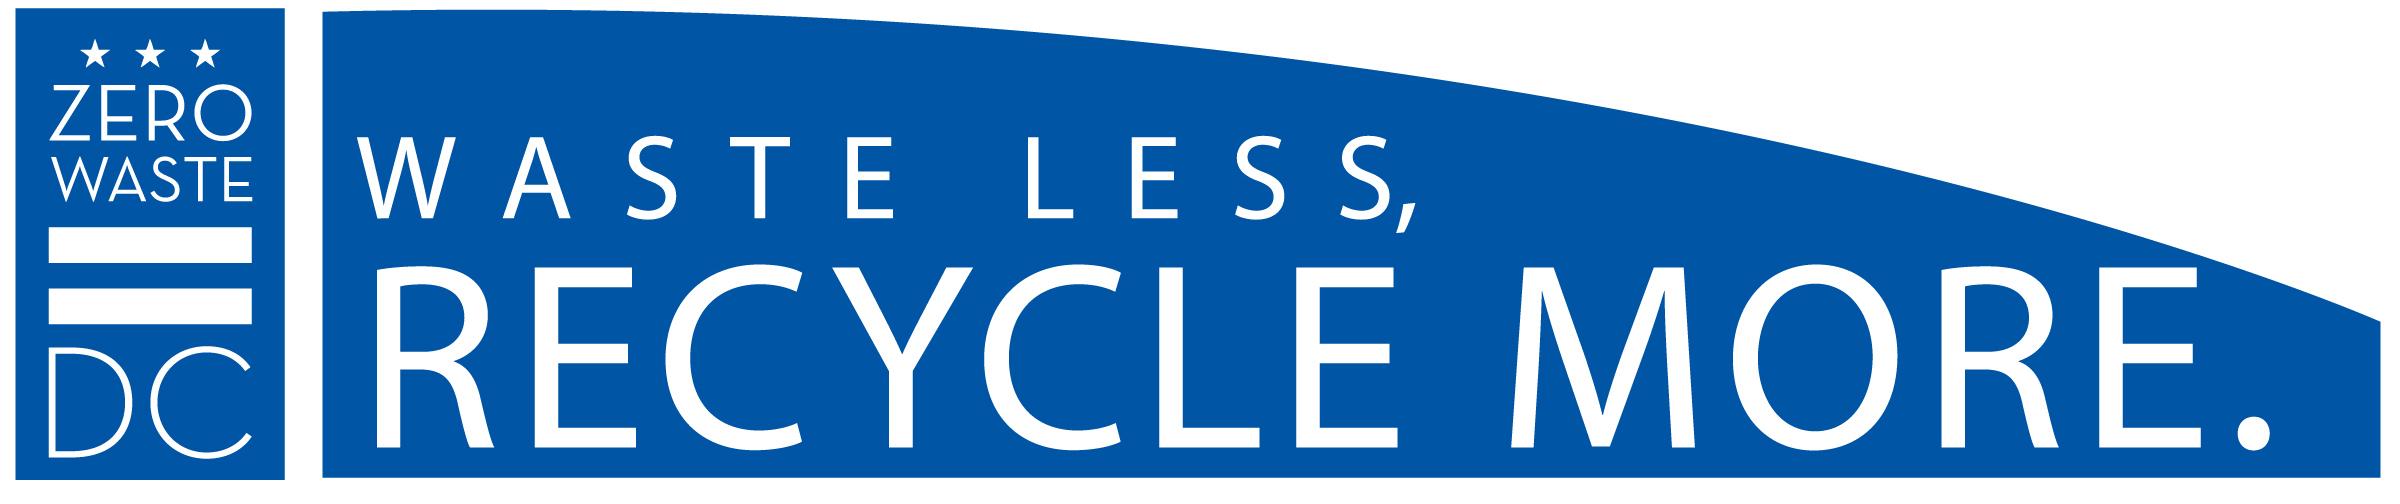 2019.06-zero-waste-dc-recycling.jpg